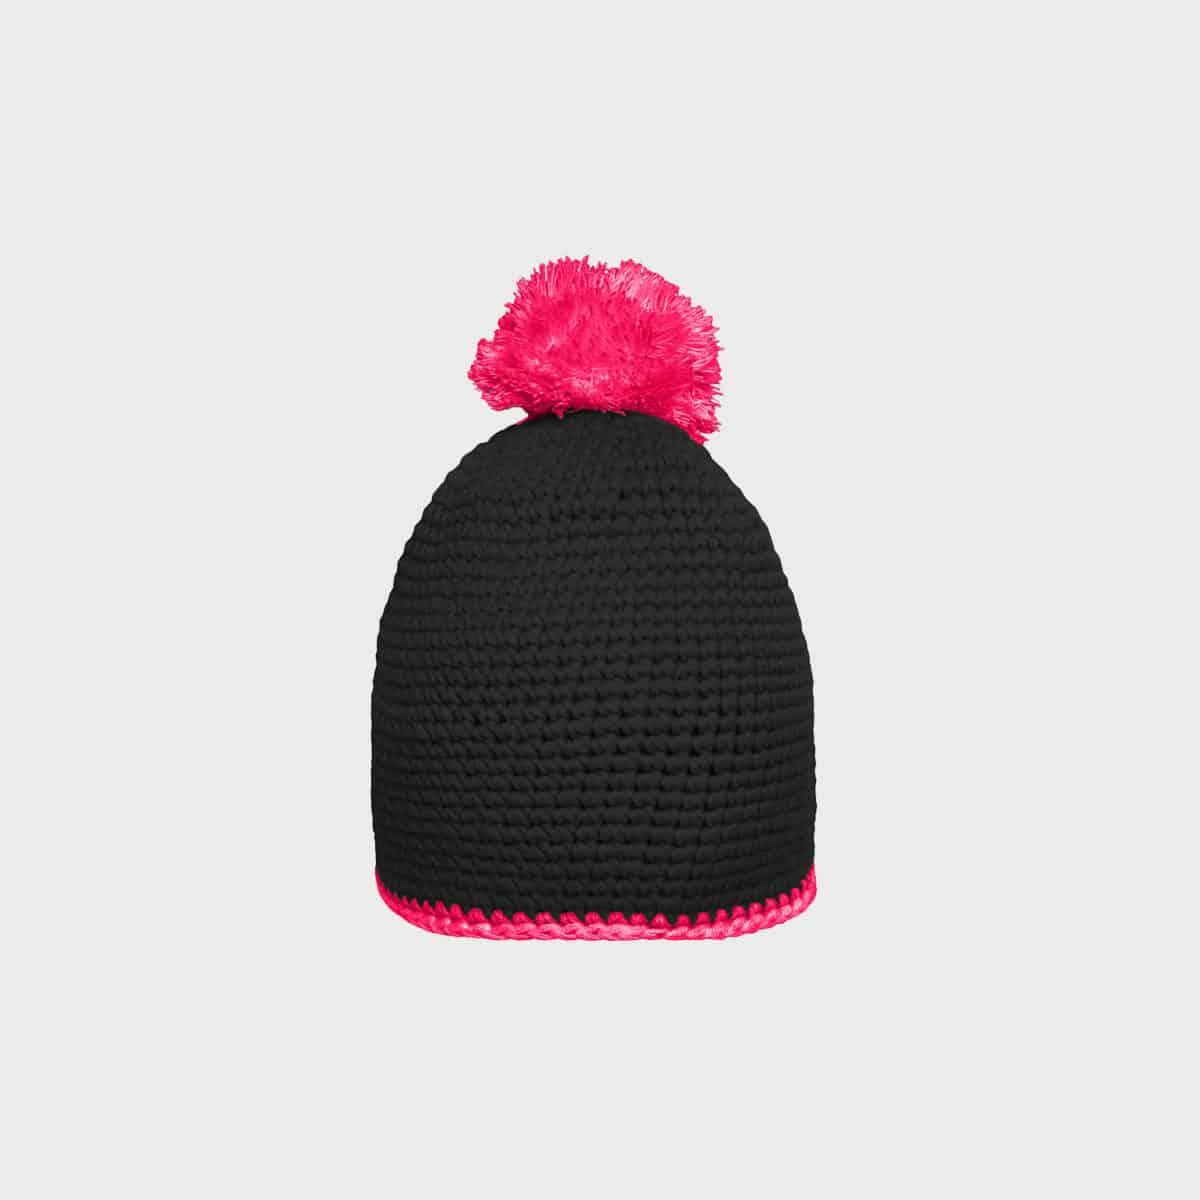 bommel-mütze-mit-kontrastband-black-pink-kaufen-besticken_stickmanufaktur